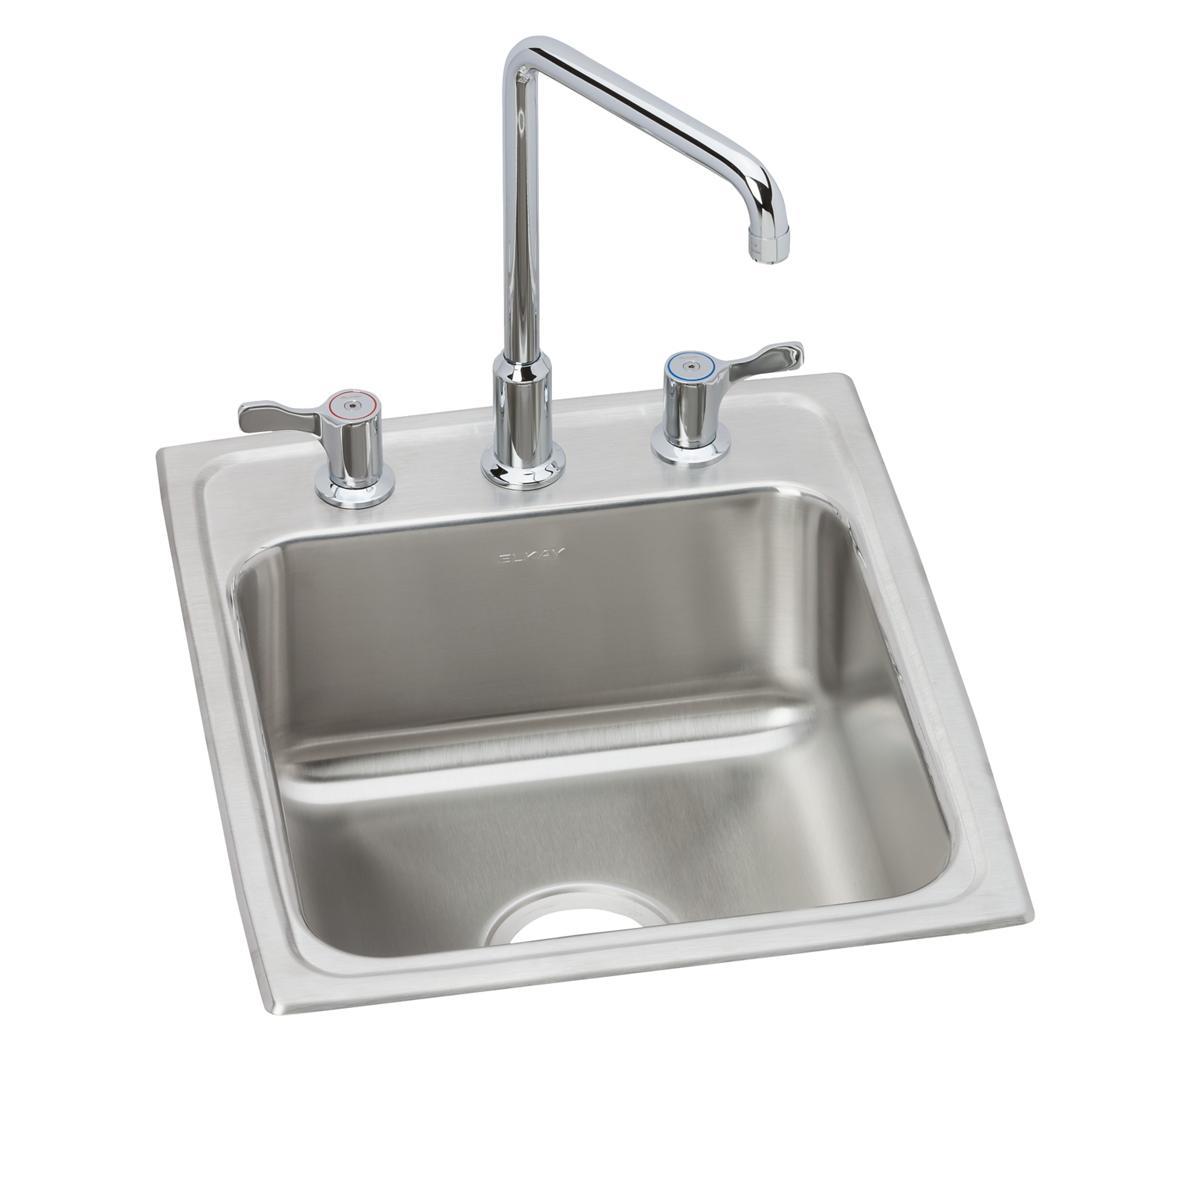 """Elkay Lustertone Classic Stainless Steel 17"""" X 20"""" X 7-5/8"""", Single Bowl Drop-in Bathroom Sink + Faucet Kit"""